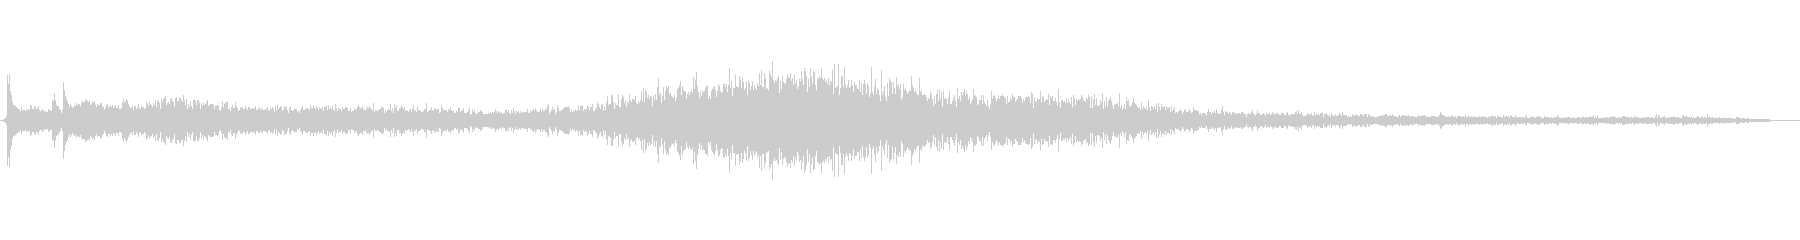 1980年代のシボレータホ4X4:...の未再生の波形